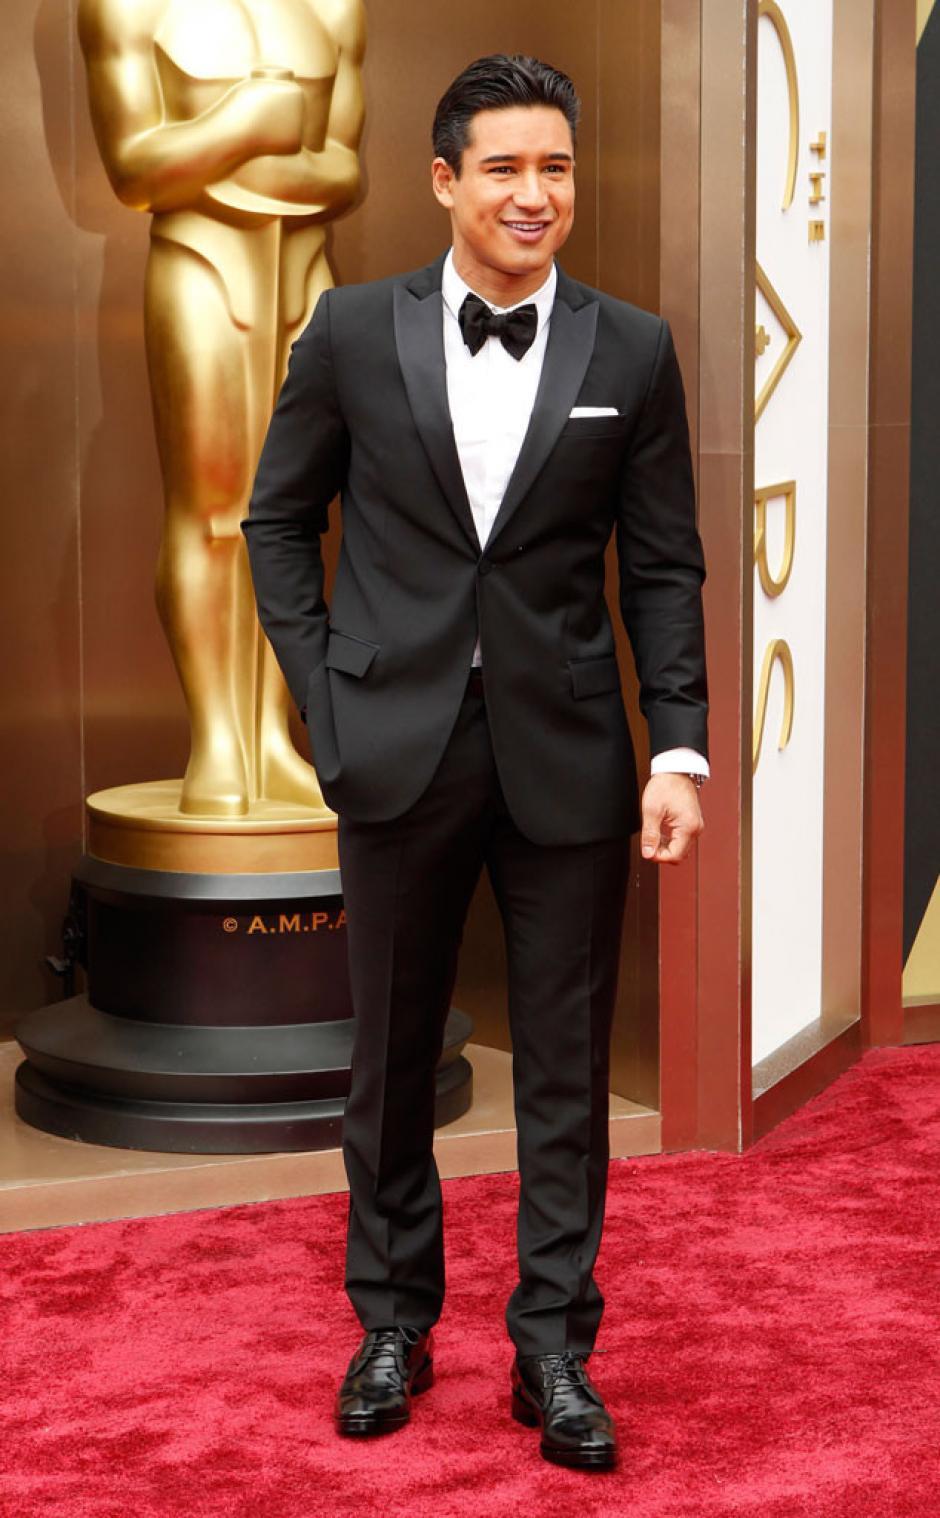 Mario Lopez es de los primeros actores en llegar a la gala. Utiliza un traje muy tradicional y clásico en blanco y negro. (Foto: E!)